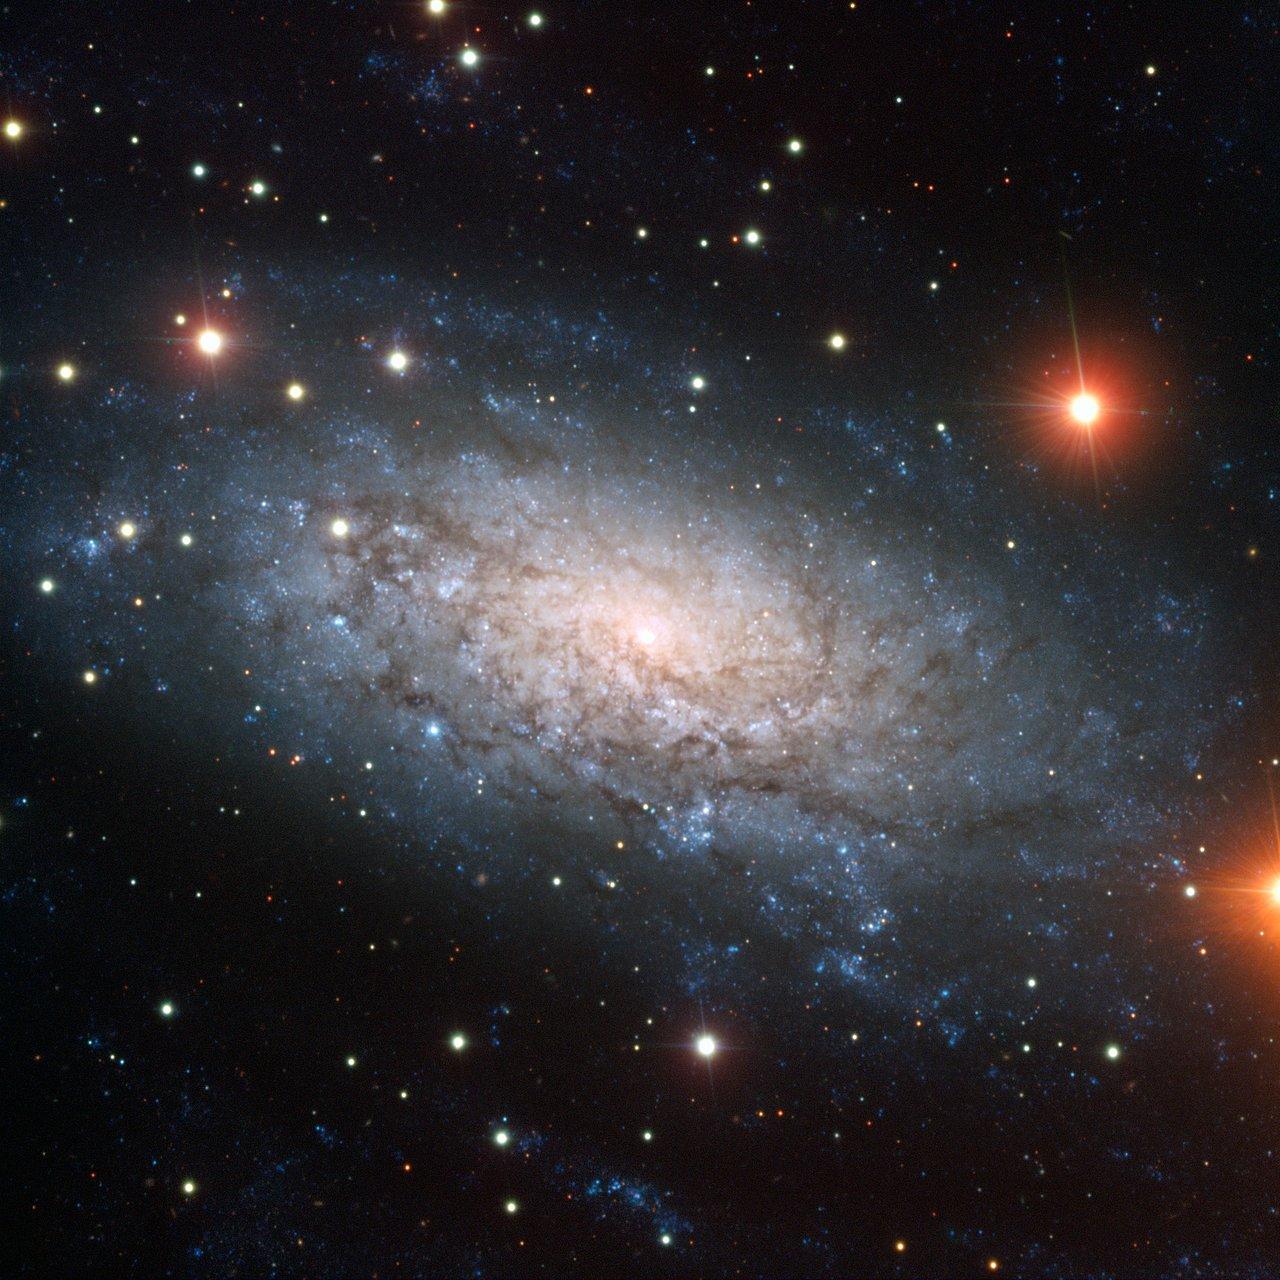 Una Galaxia Llena de Sorpresas – NGC 3621 carece de protuberancias pero tiene tres agujeros negros centrales